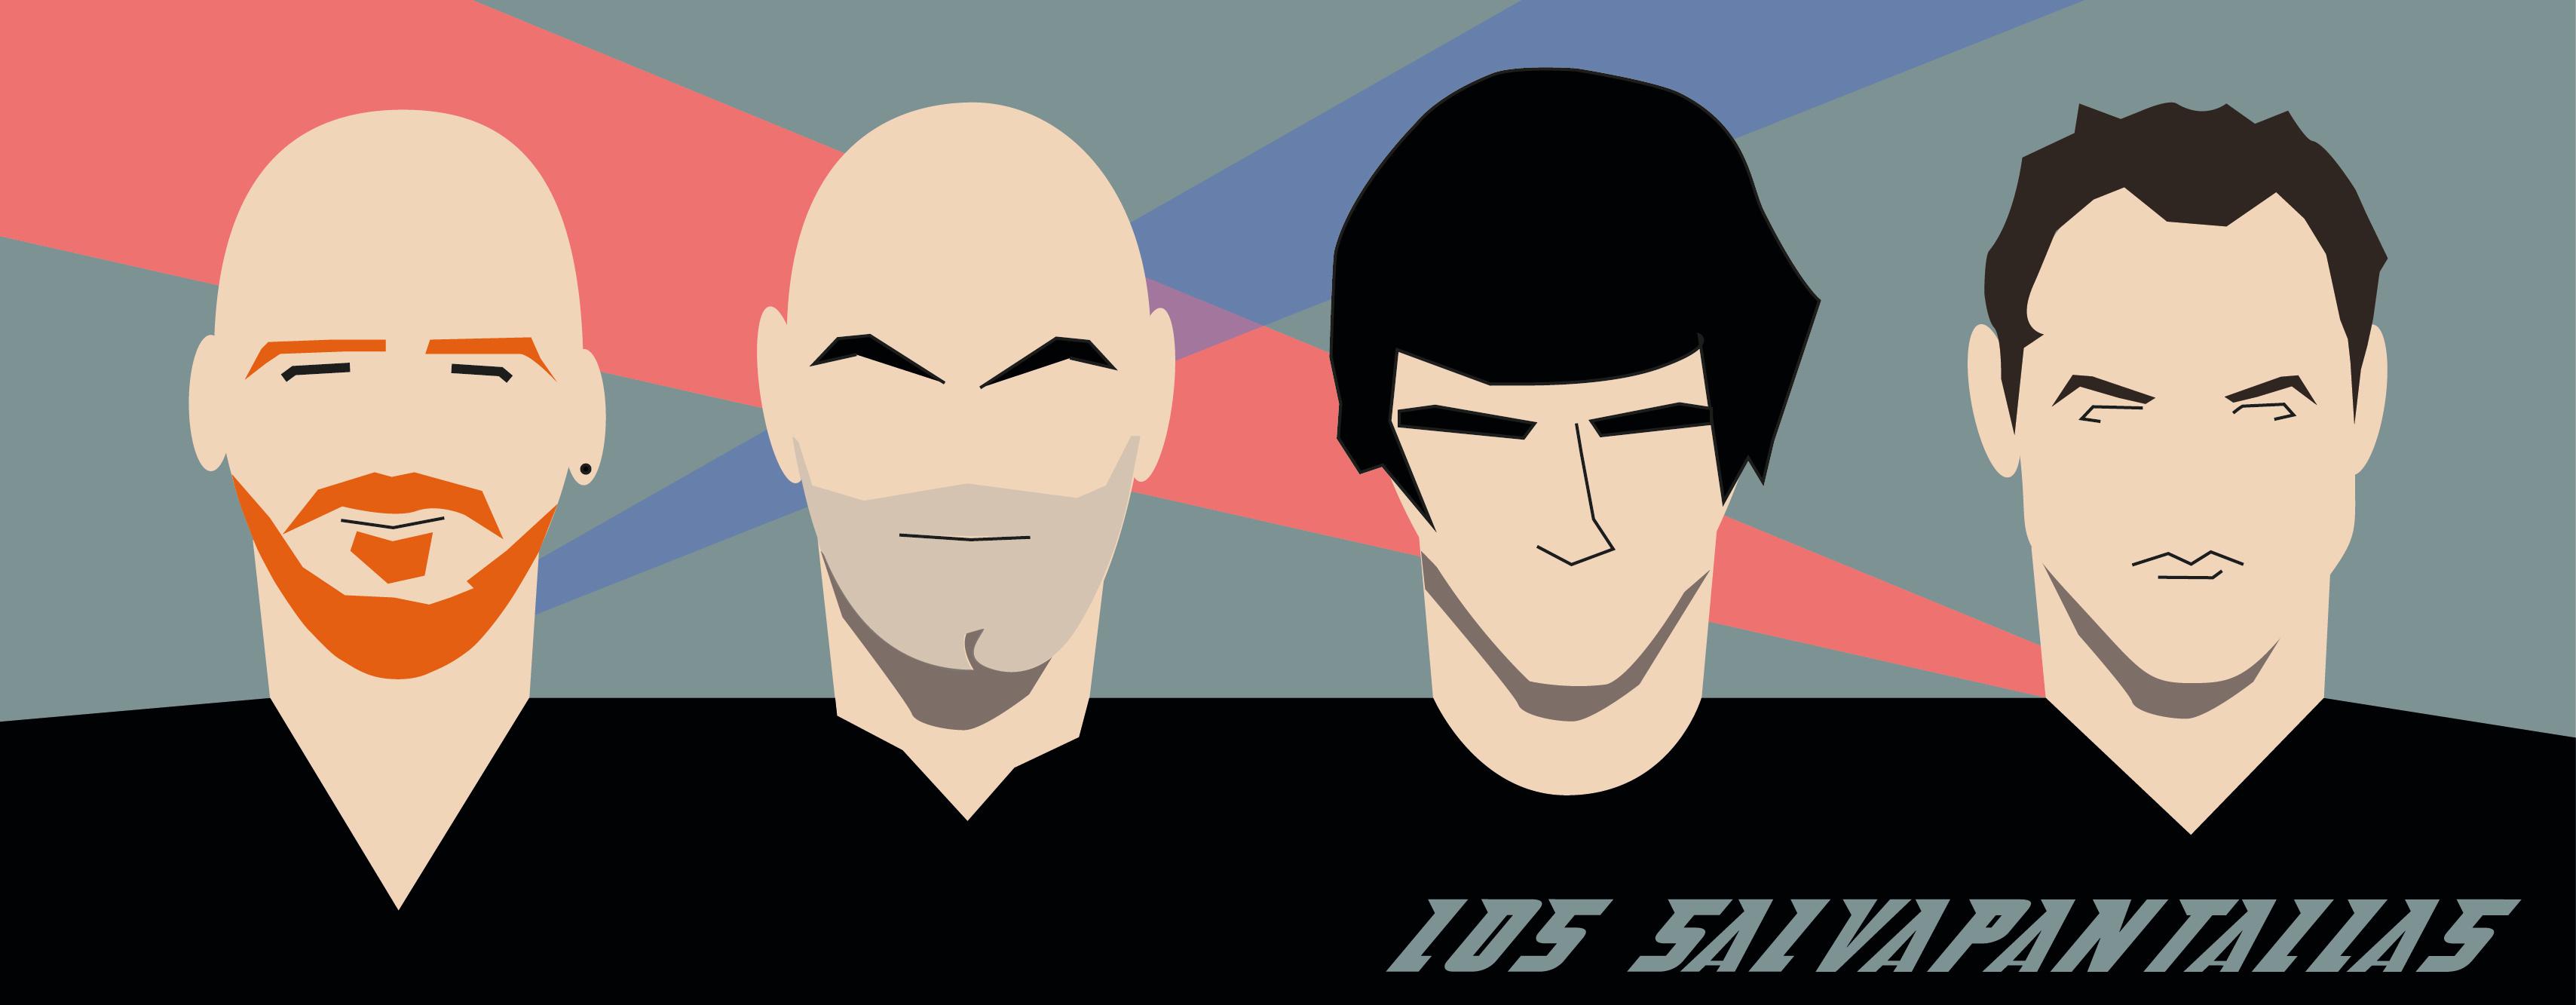 banner avatares LSP2-01